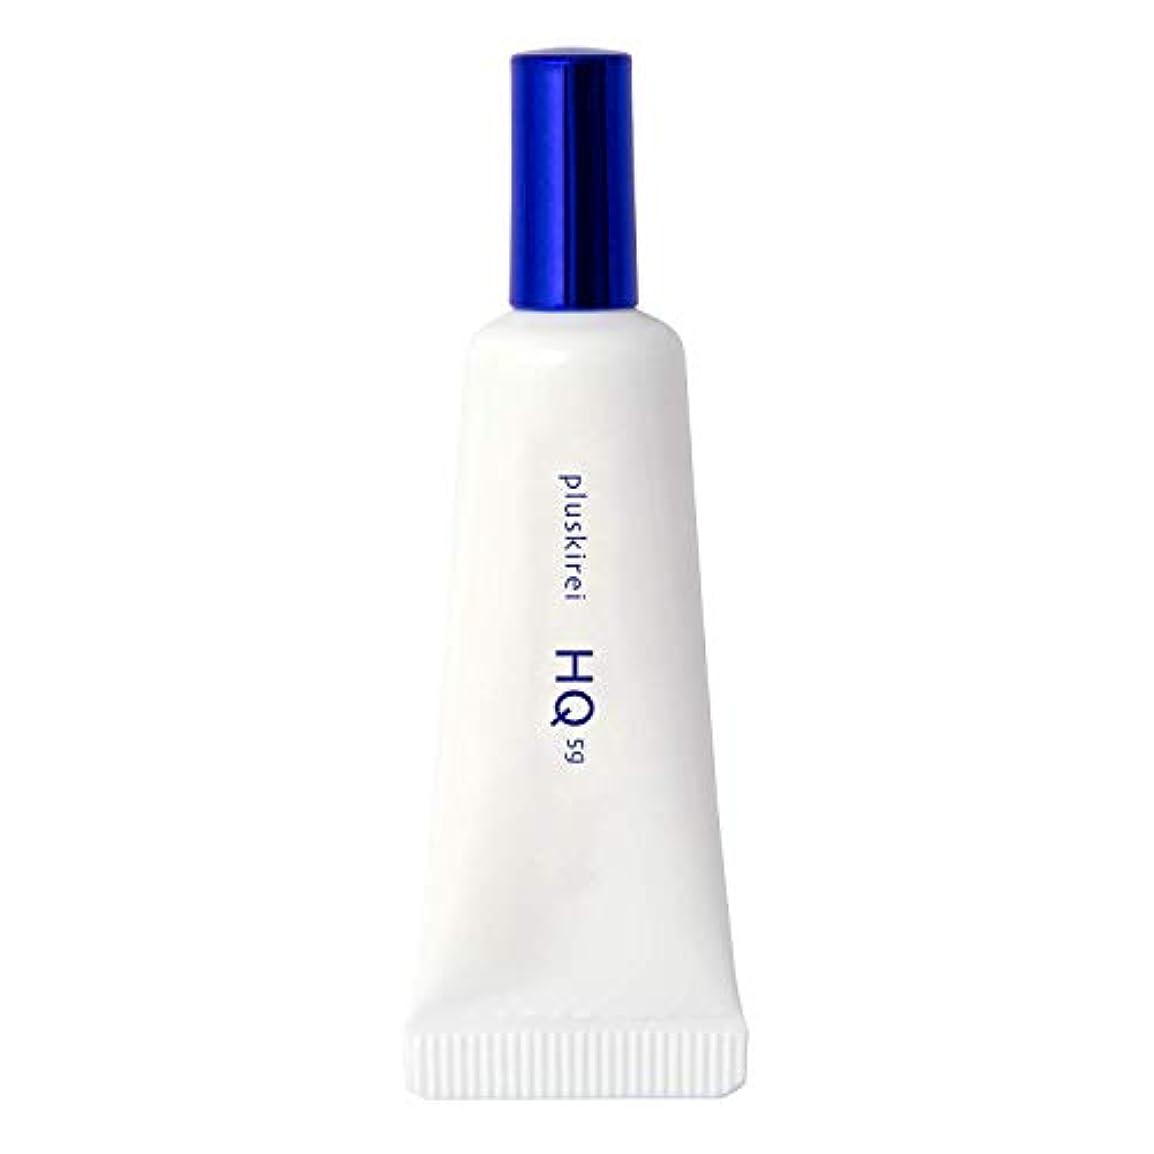 可能性コアパット純 ハイドロキノン 4% 配合 クリーム プラスキレイ プラスナノHQ 日本製 (1本)